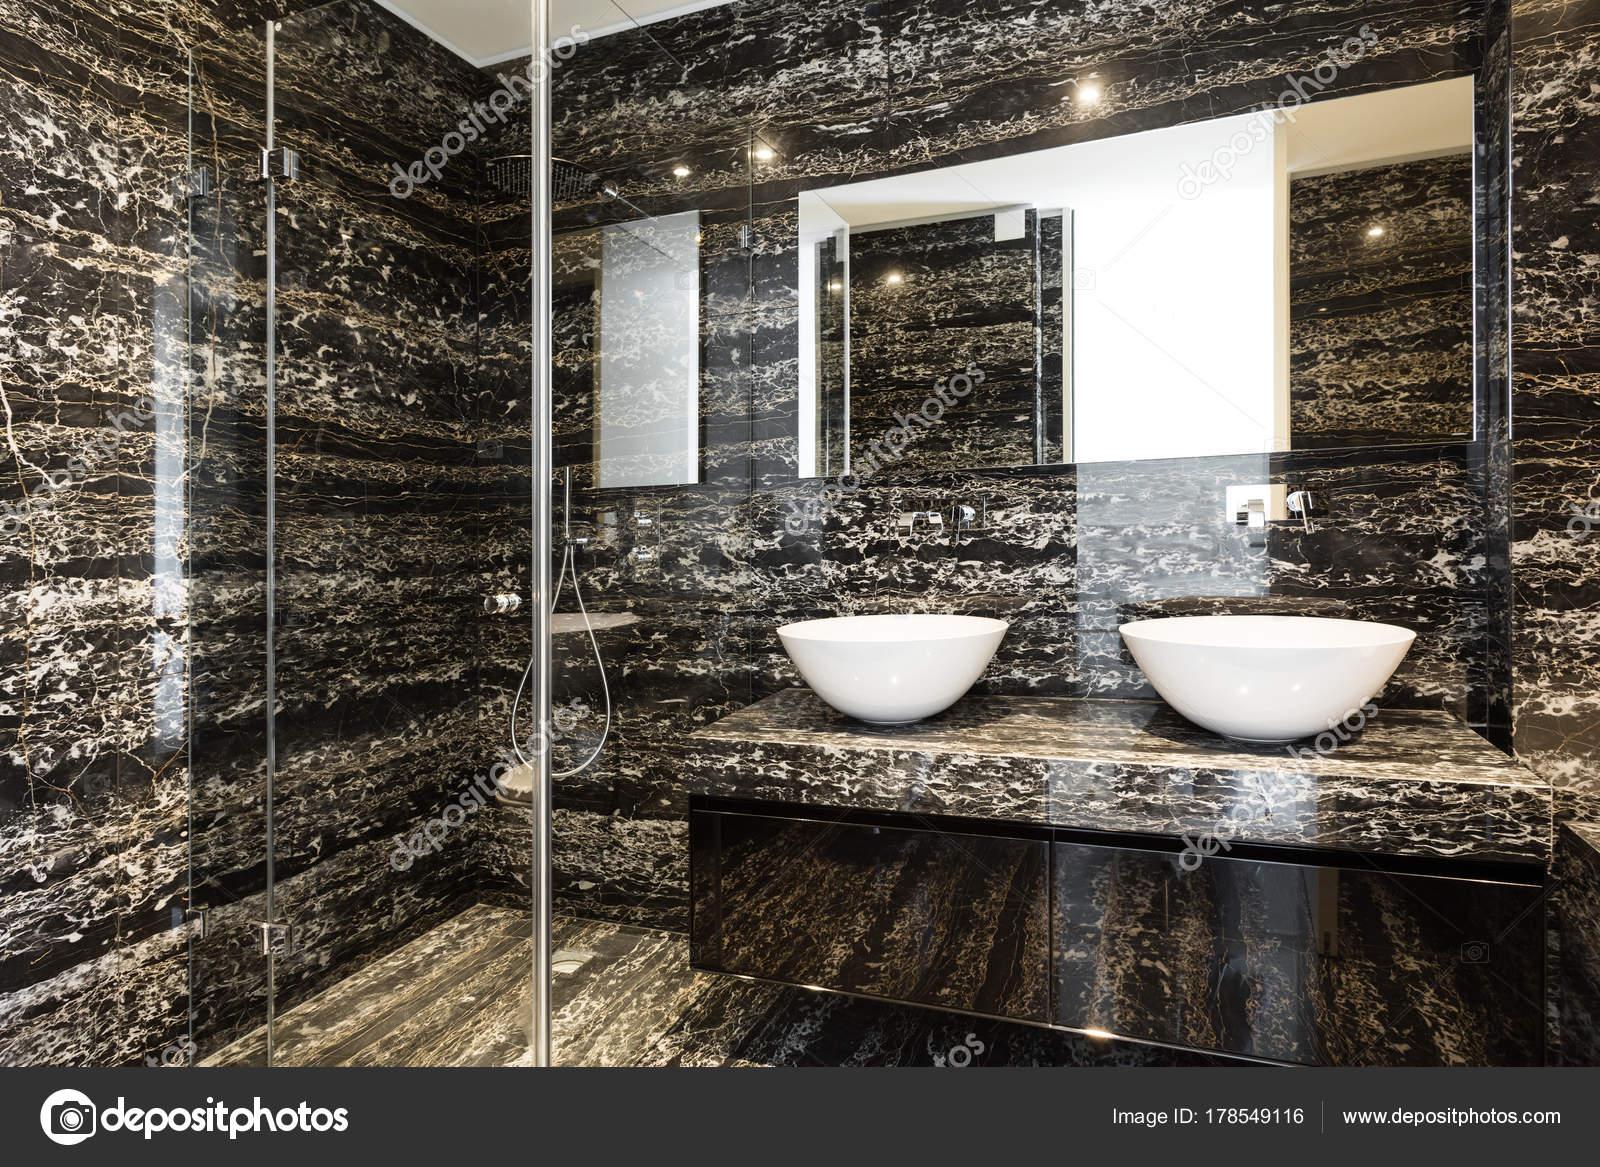 Badkamer muurverf mooie badkamer muurverf eigentijdse muurverf